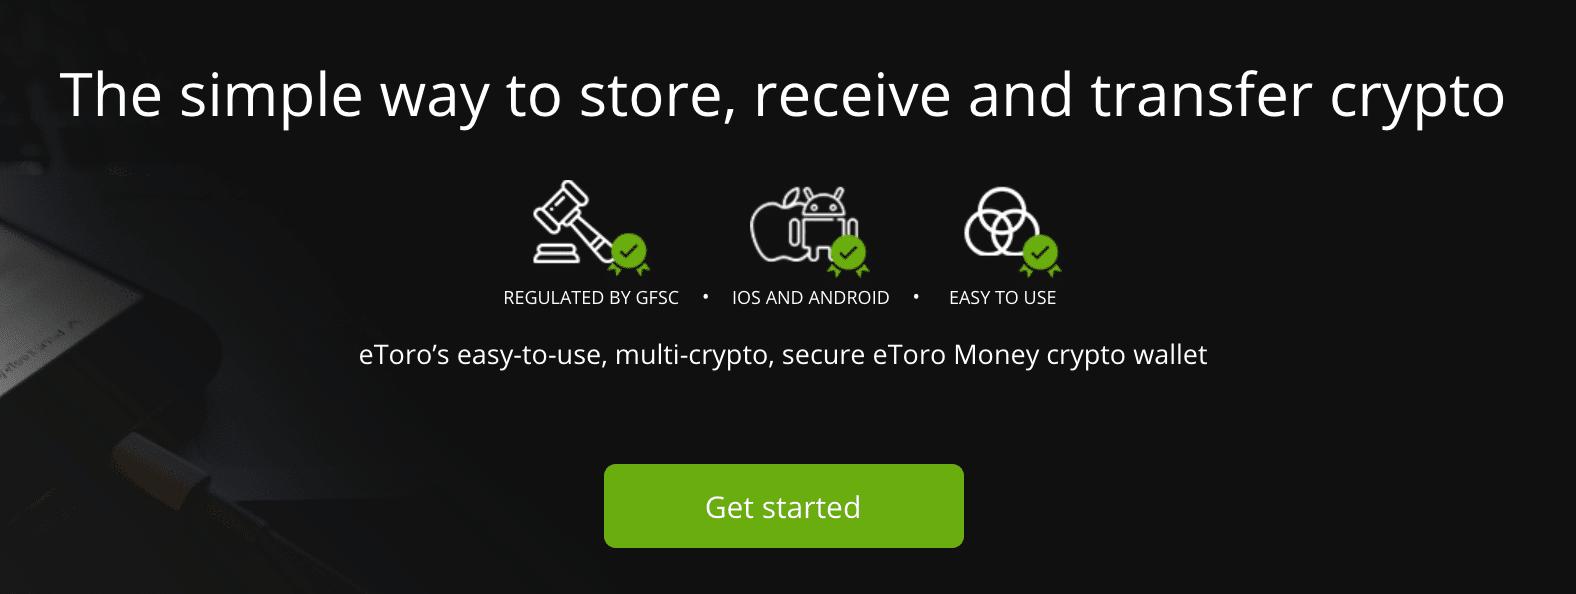 etoro crypto wallet